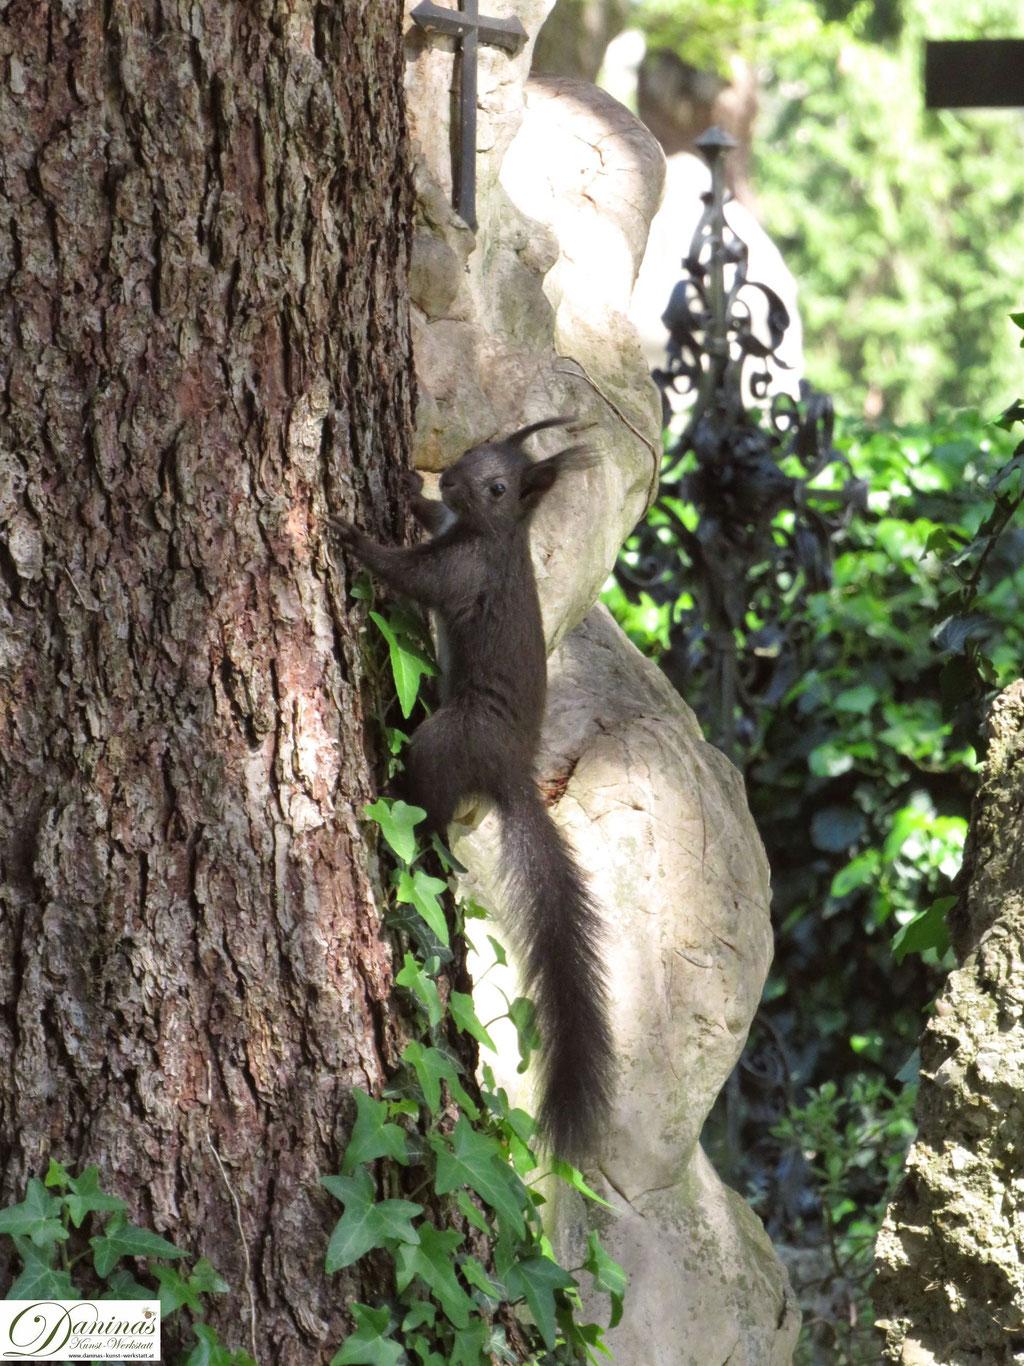 Tröstende Tiergesellschaft im Garten der Toten: Entzückende Eichhörnchen auf Nahrungssuche. Der Salzburger Kommunalfriedhof ist einzigartig und einen Besuch wert!